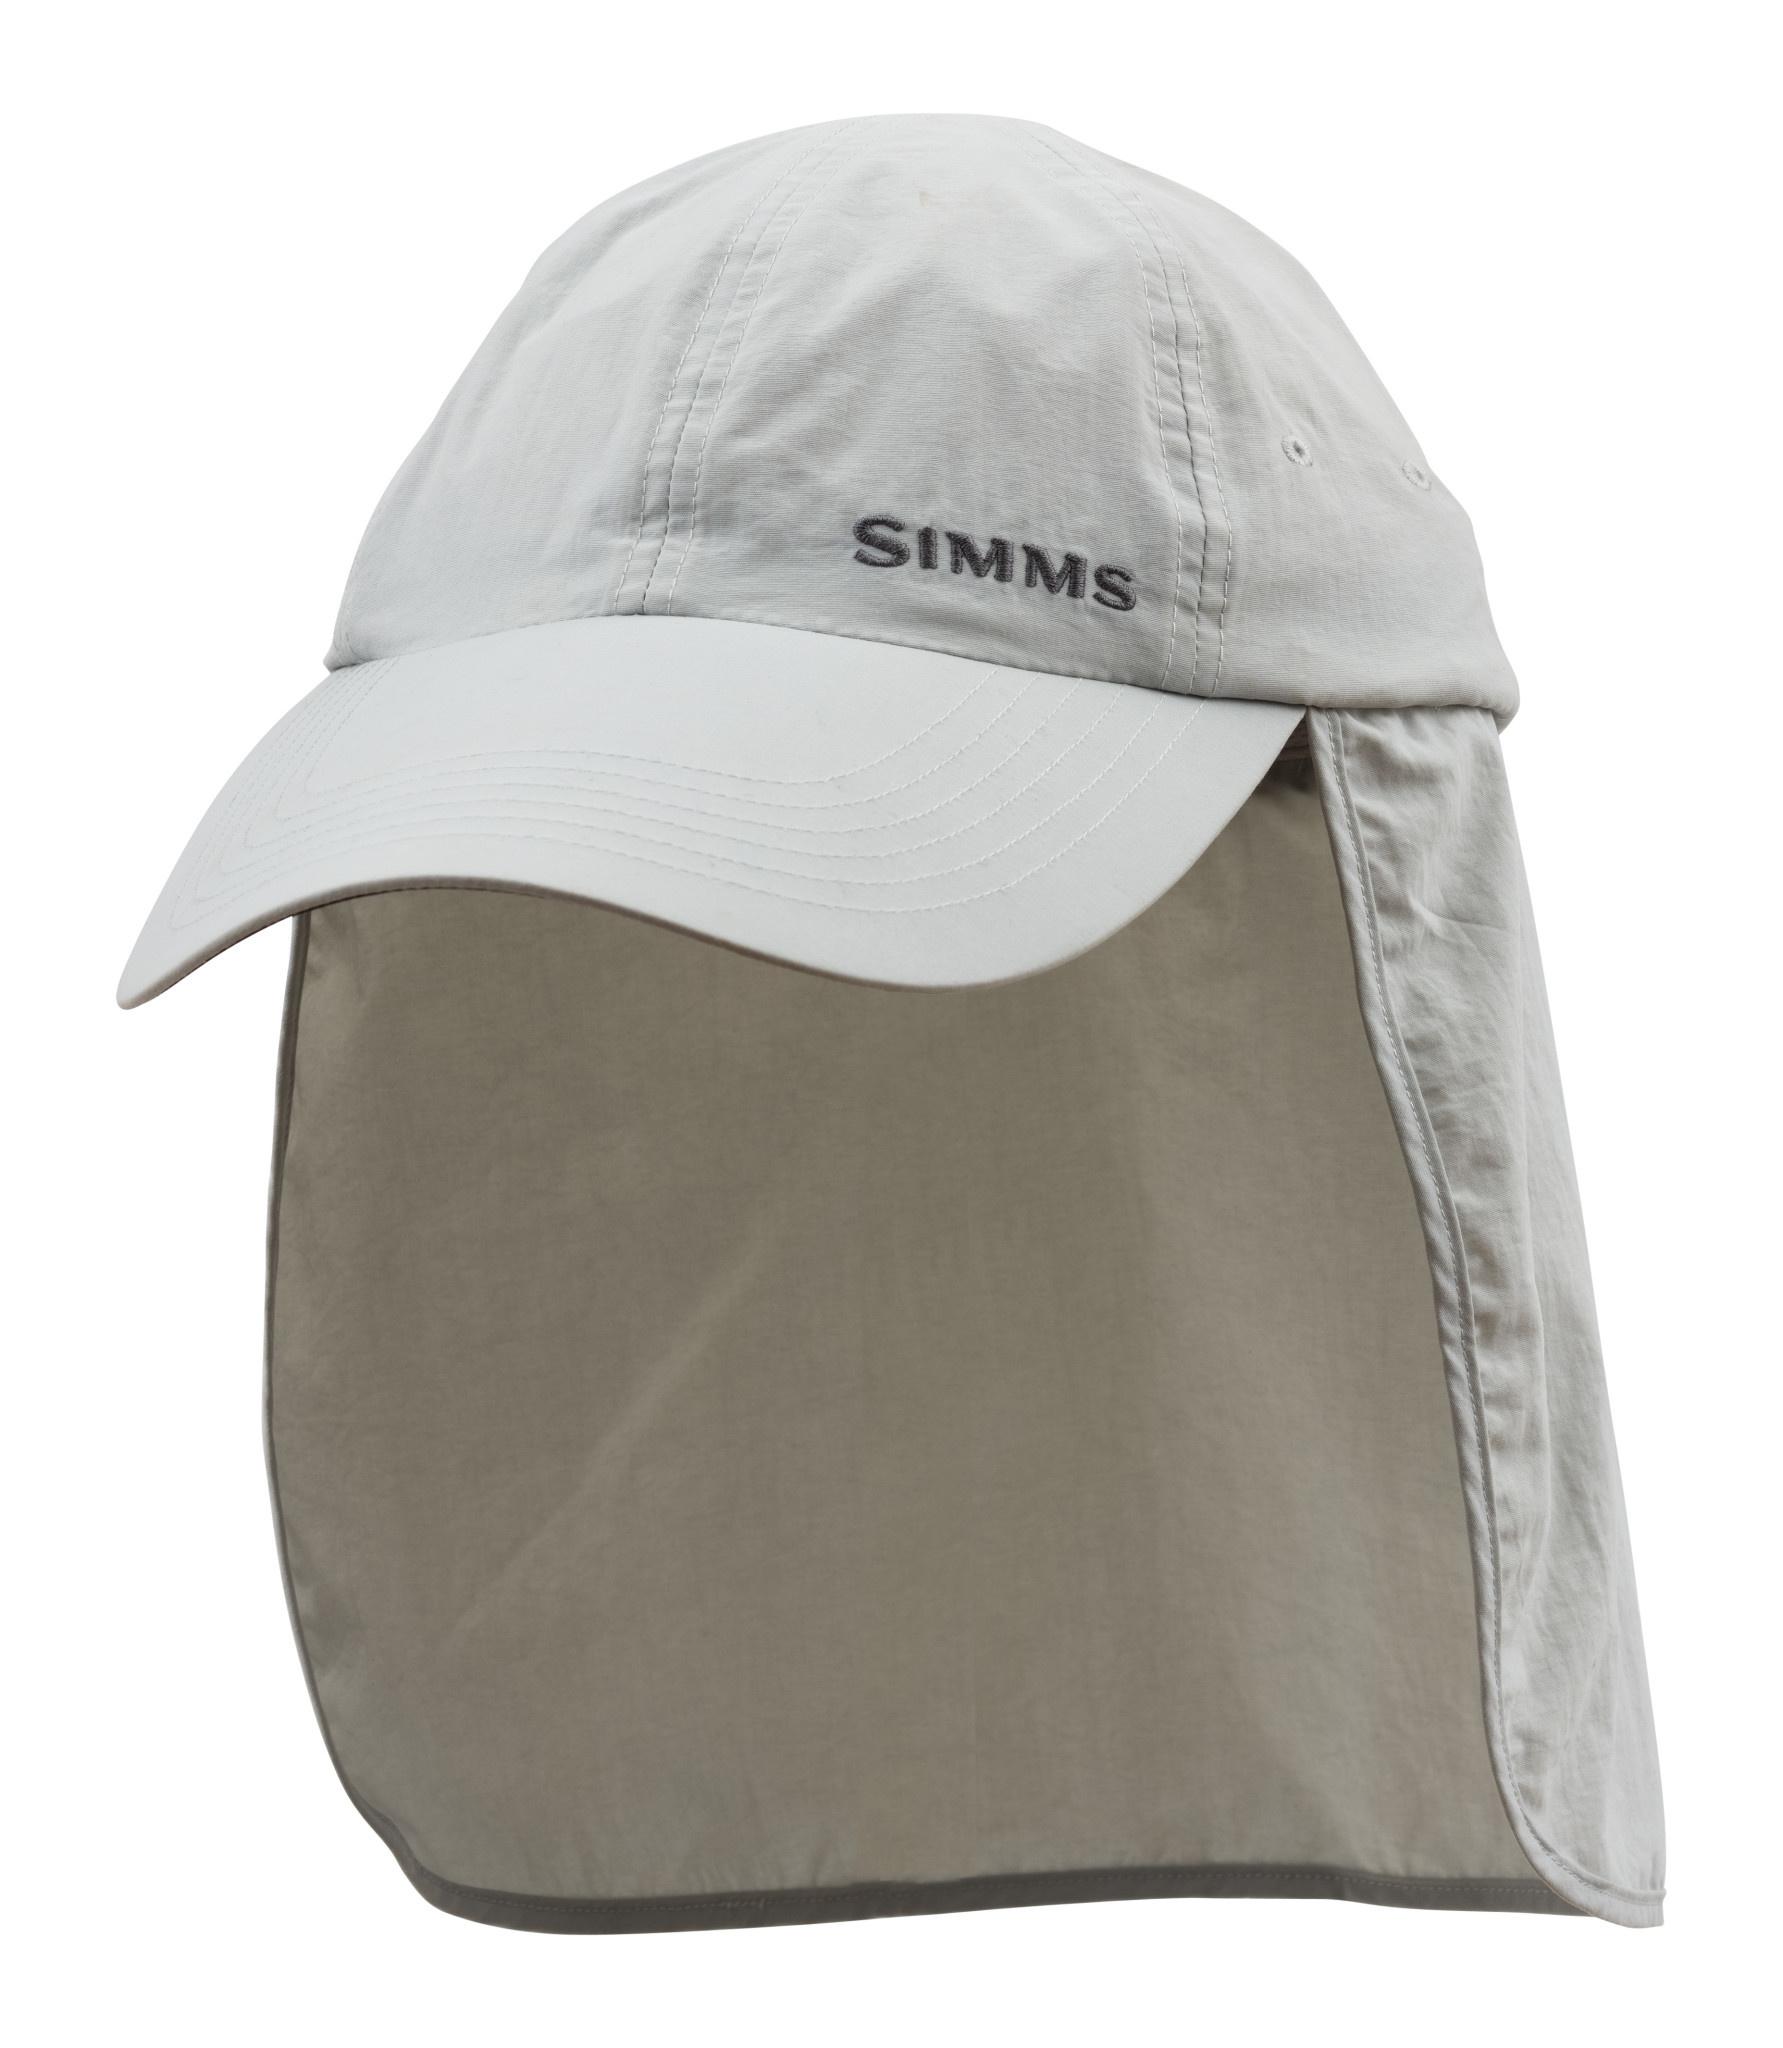 Simms Simms Superlight Sunshield Cap